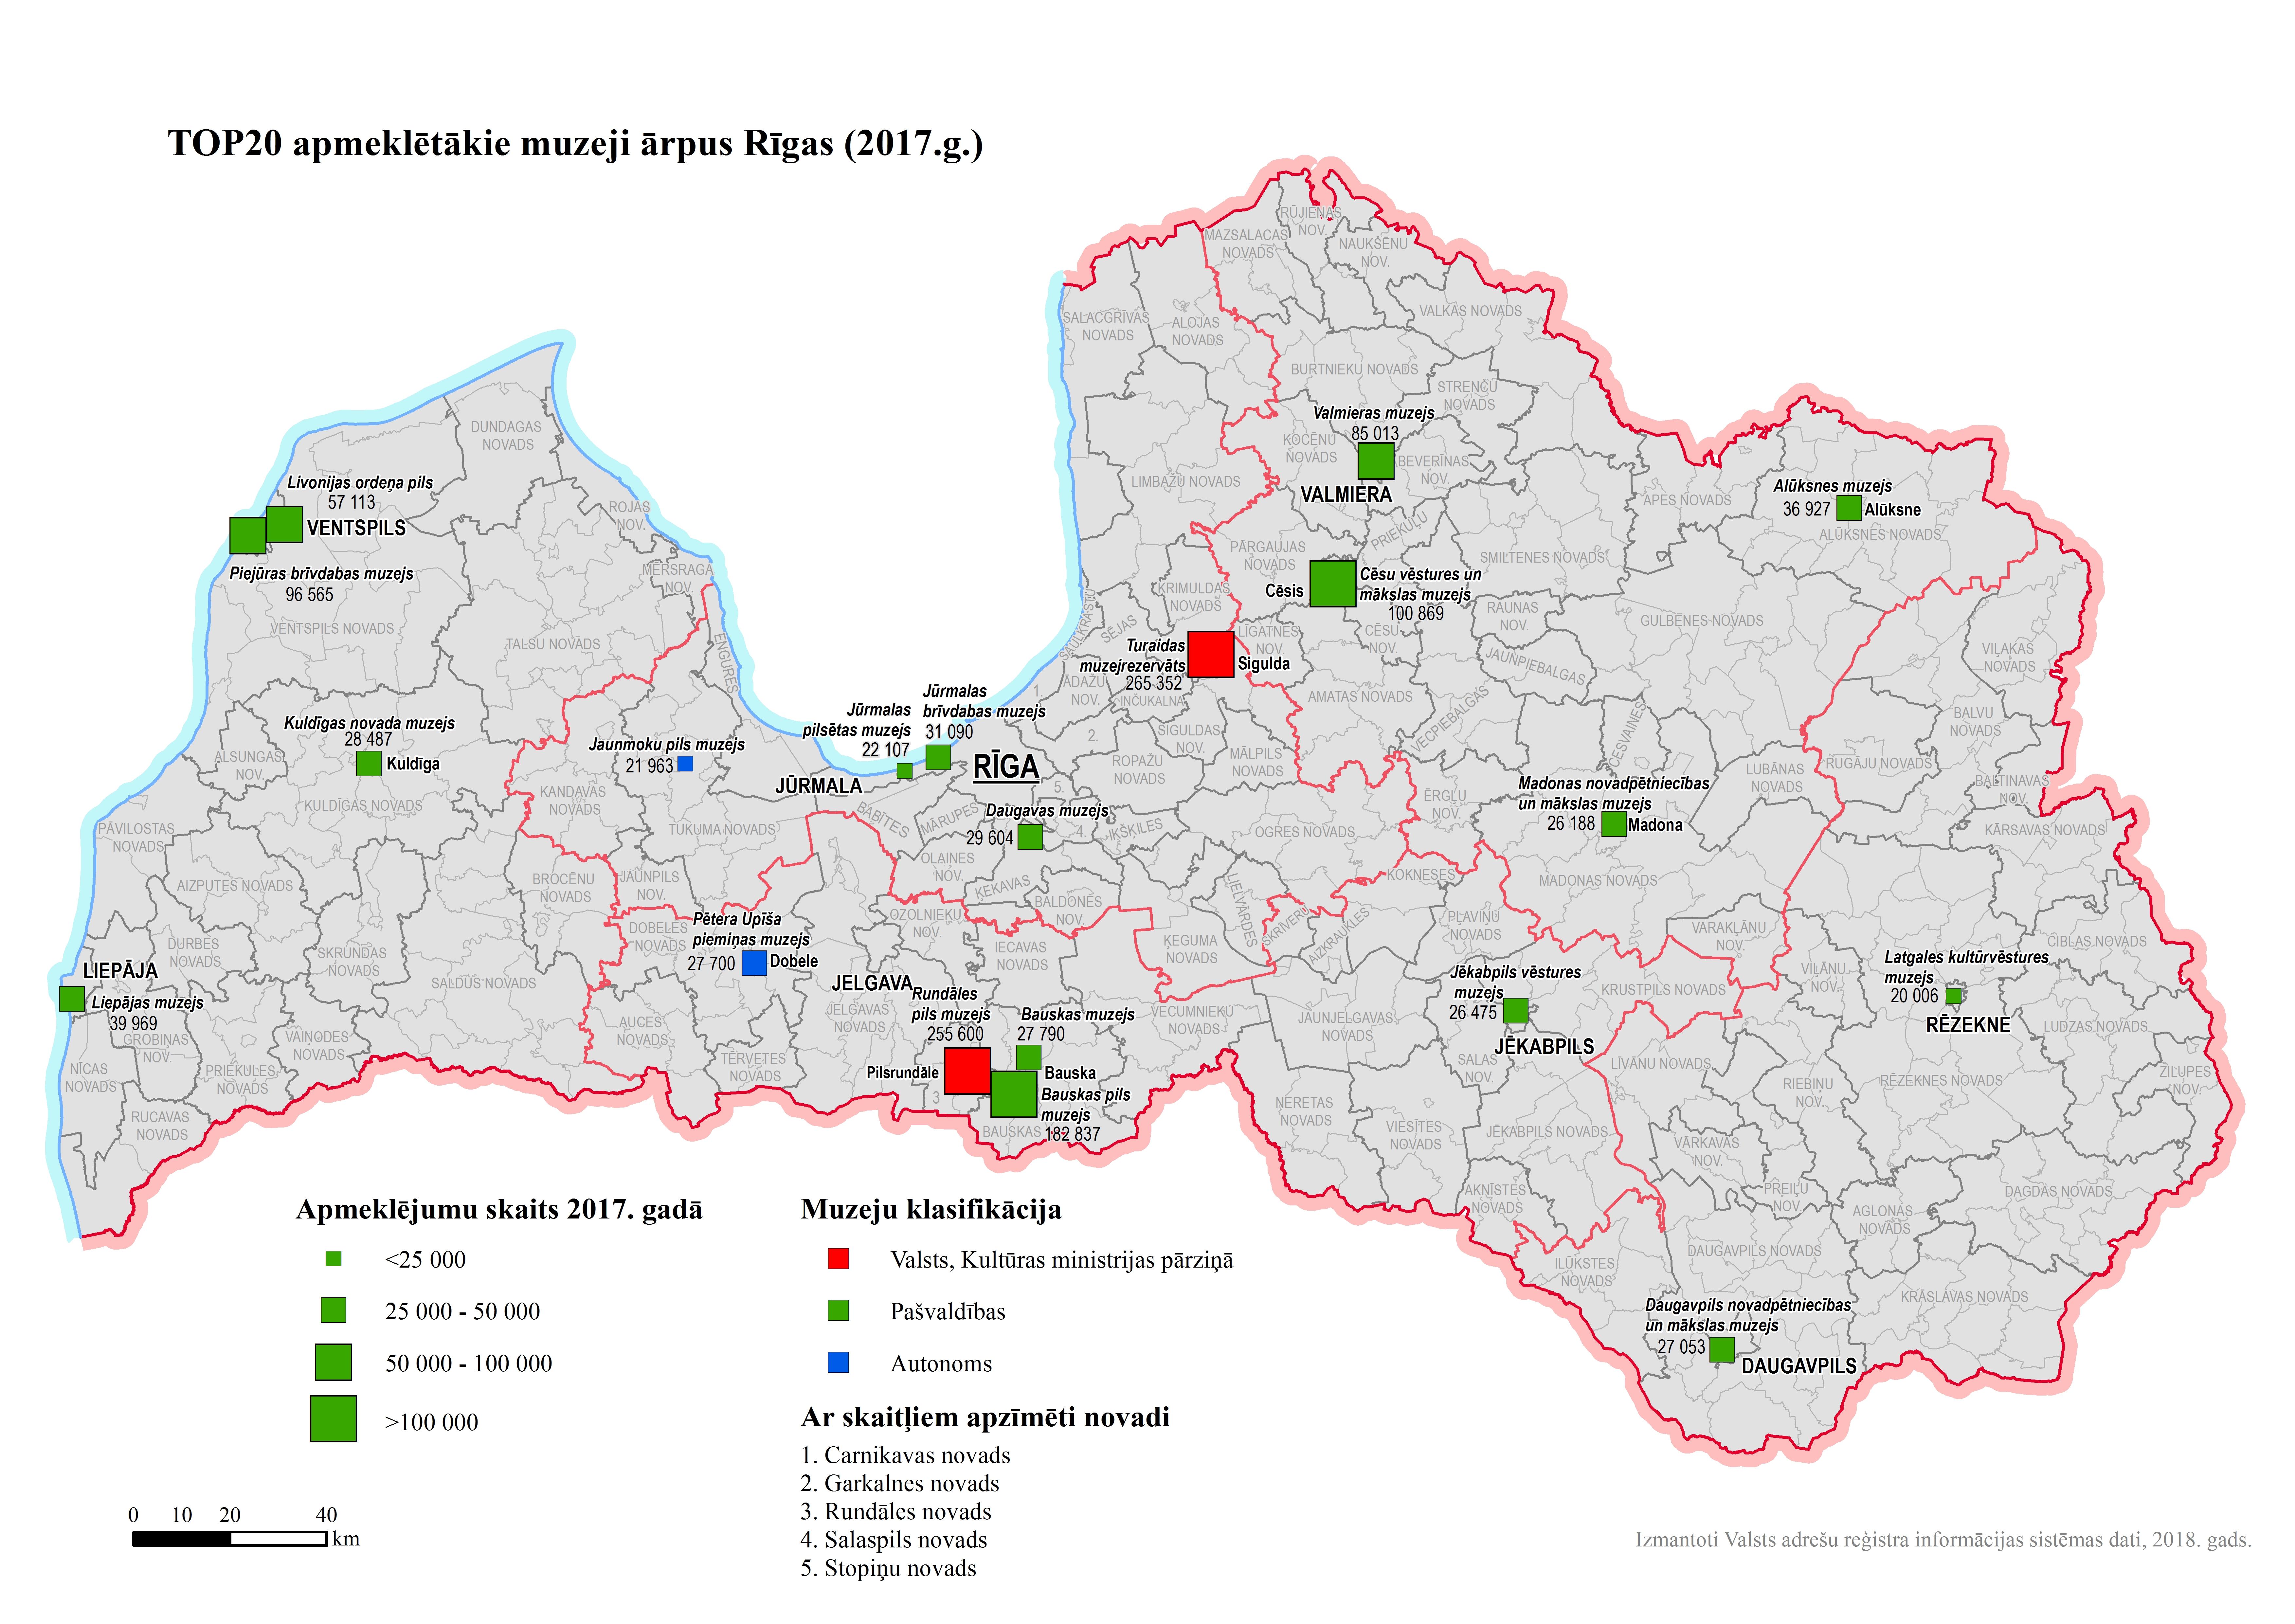 Karte_Top20 apmeklētākie muzeji ārpus Rīgas